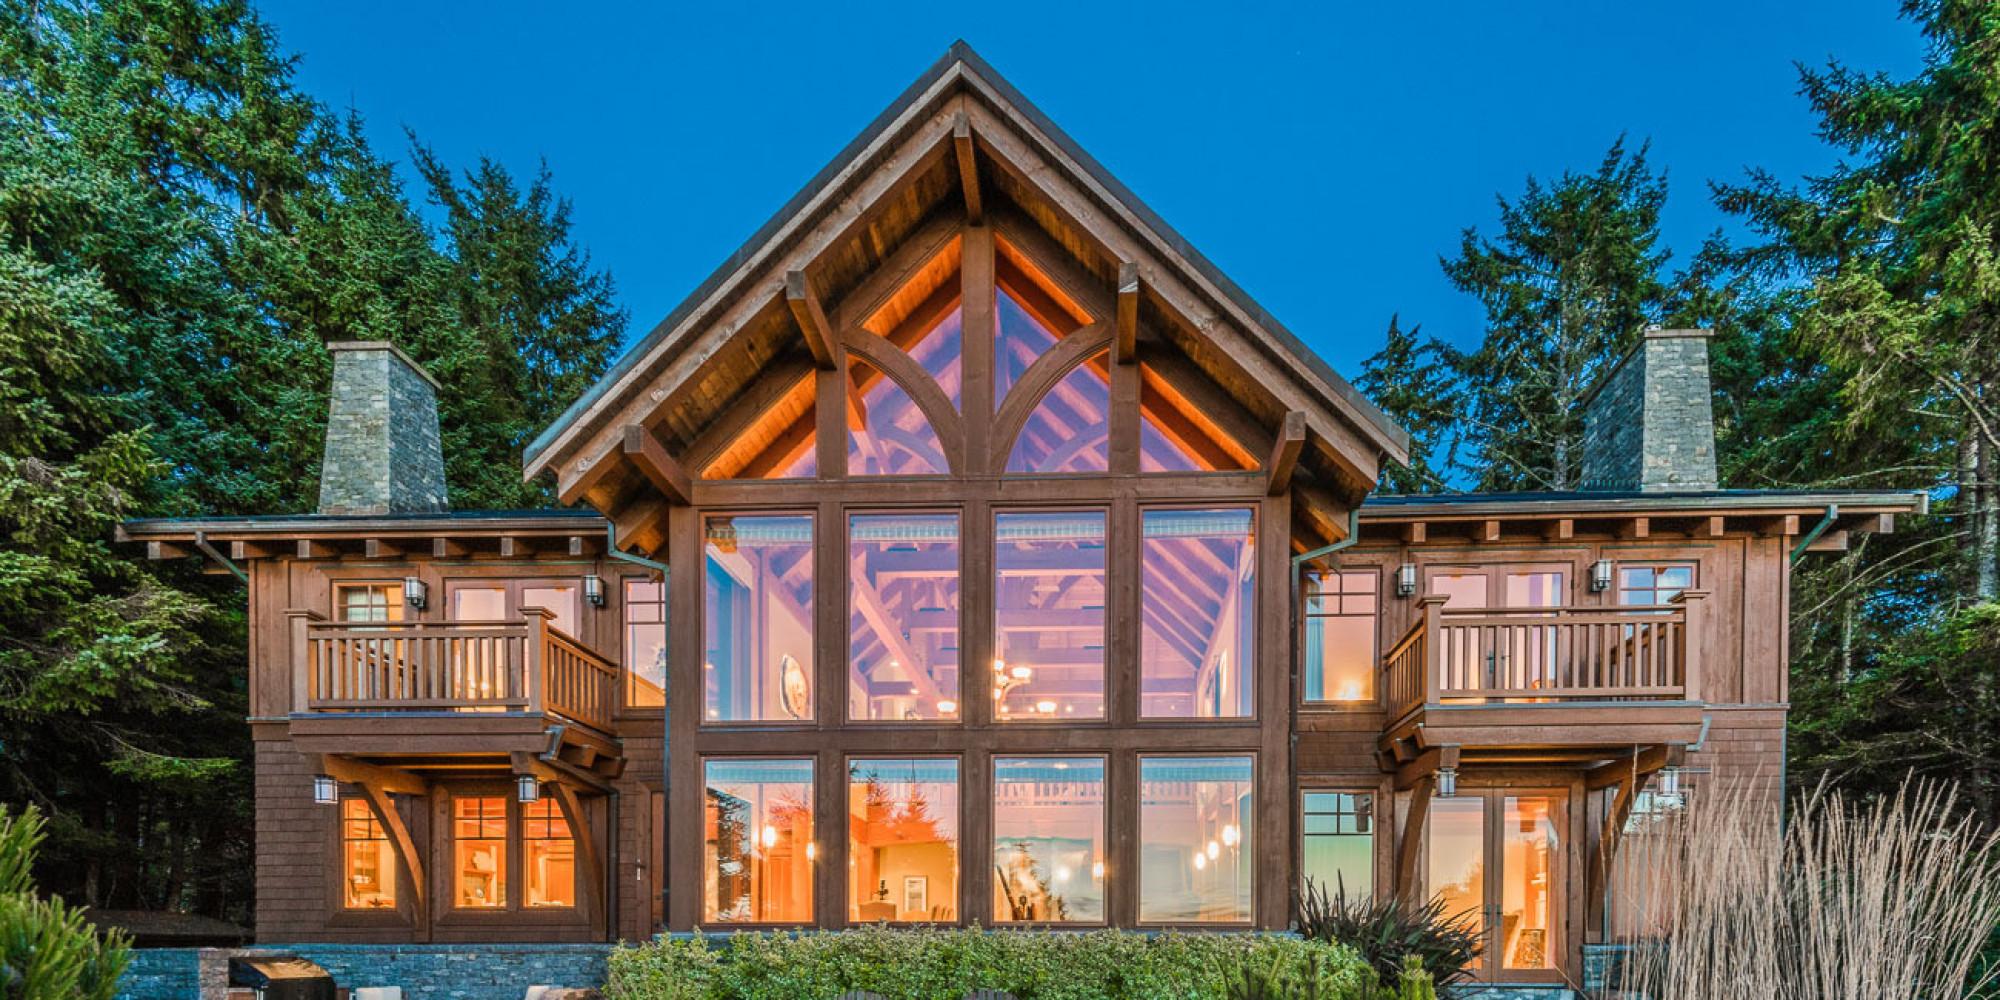 West coast house style